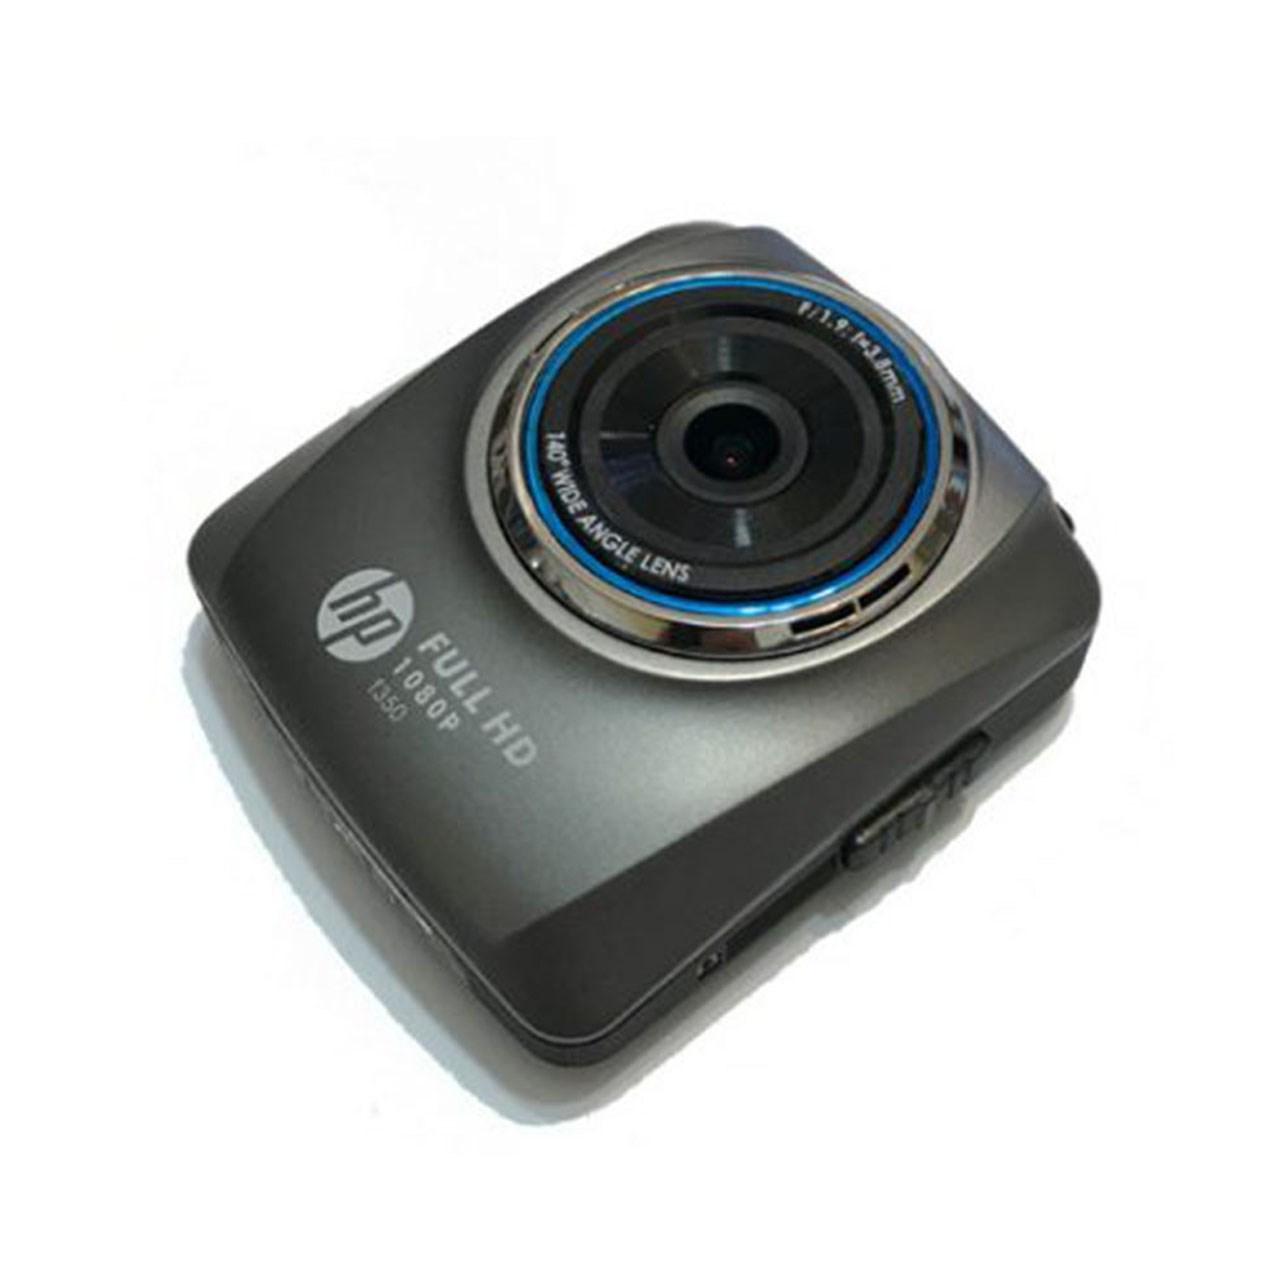 دوربین فیلم برداری خودرو اچ پی مدل f350